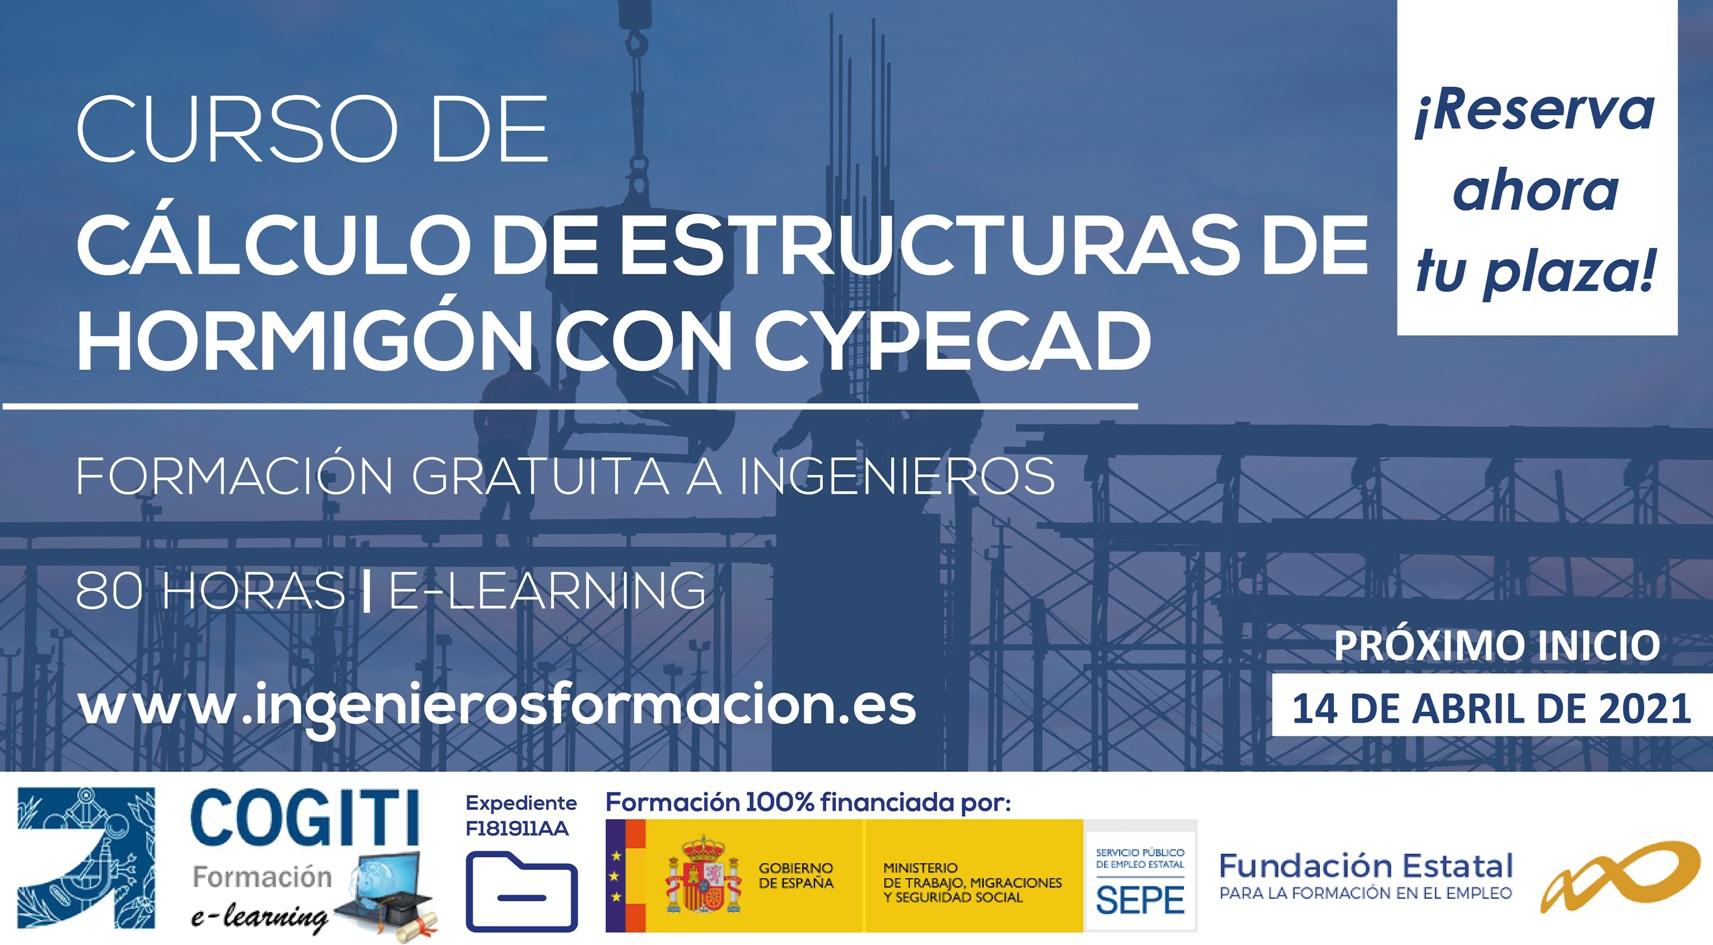 Formacion Gratuita Calculo Estructuras De Hormigon Con Cypecad Cogiti Albacete